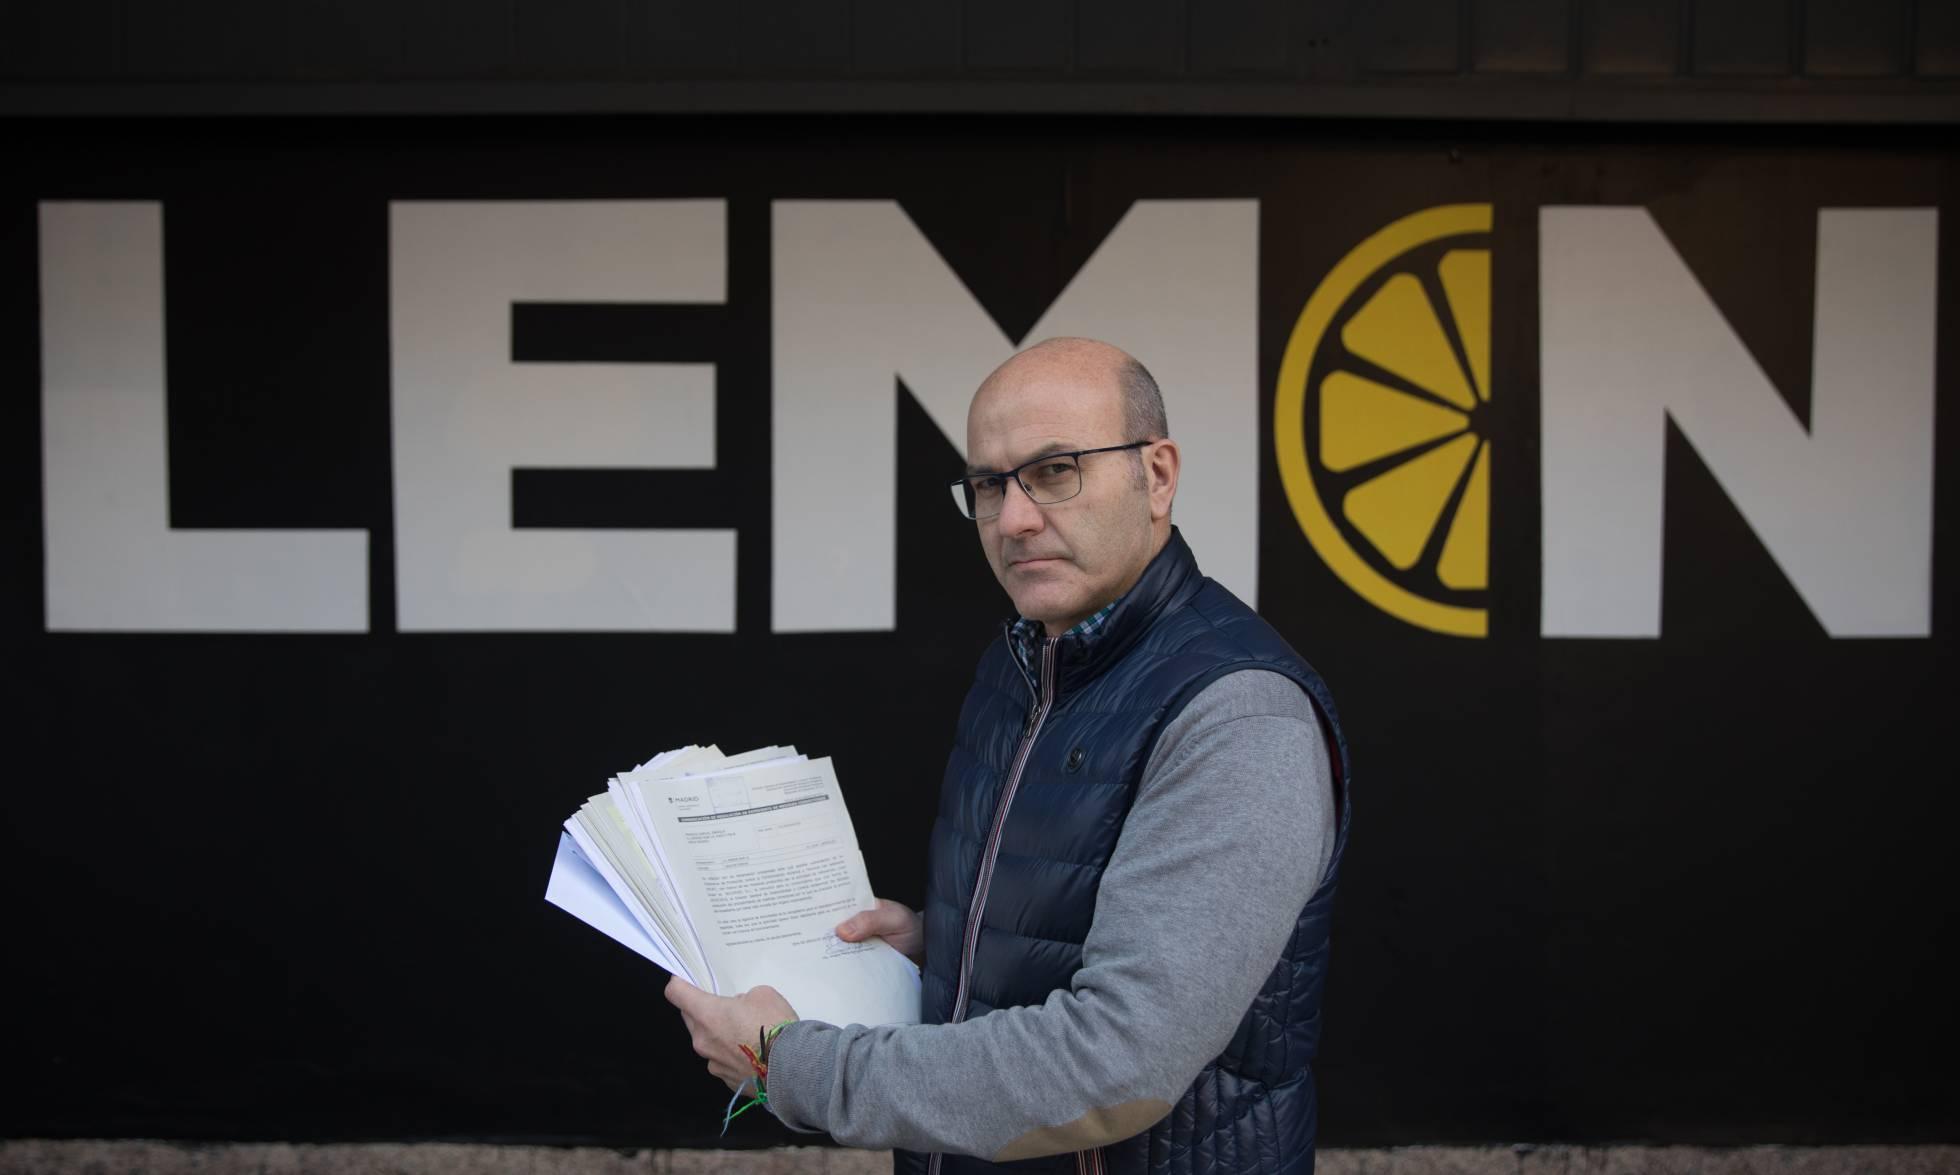 Enrique Francés, vecino afectado por el Lemon Club, sostiene documentos del expediente municipal sobre la discoteca. VÍCTOR SAINZ